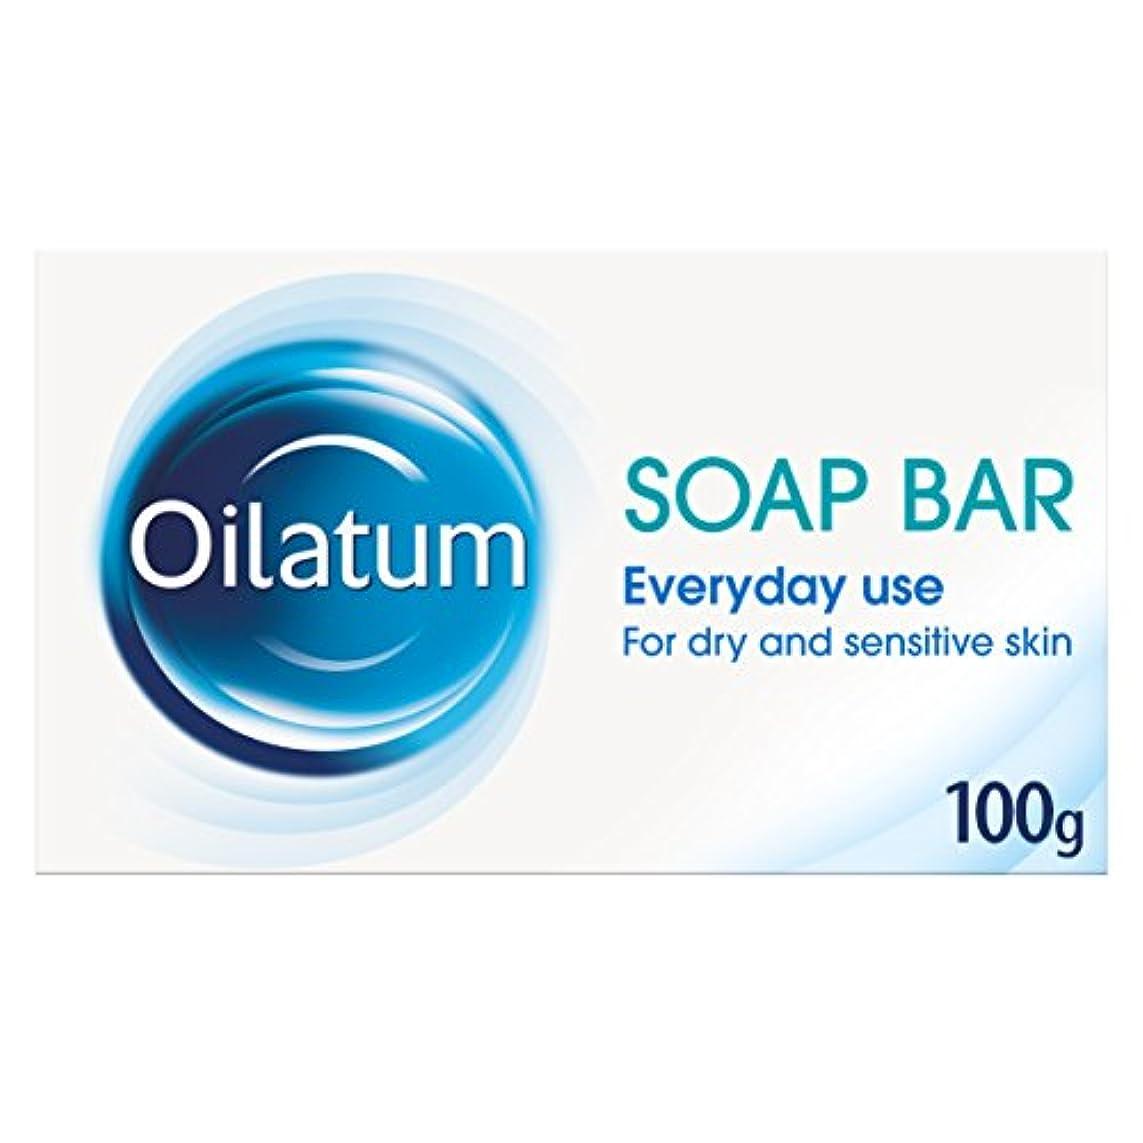 作ります宅配便私たち自身Oilatum 100g Soap Bar for Dry Skin